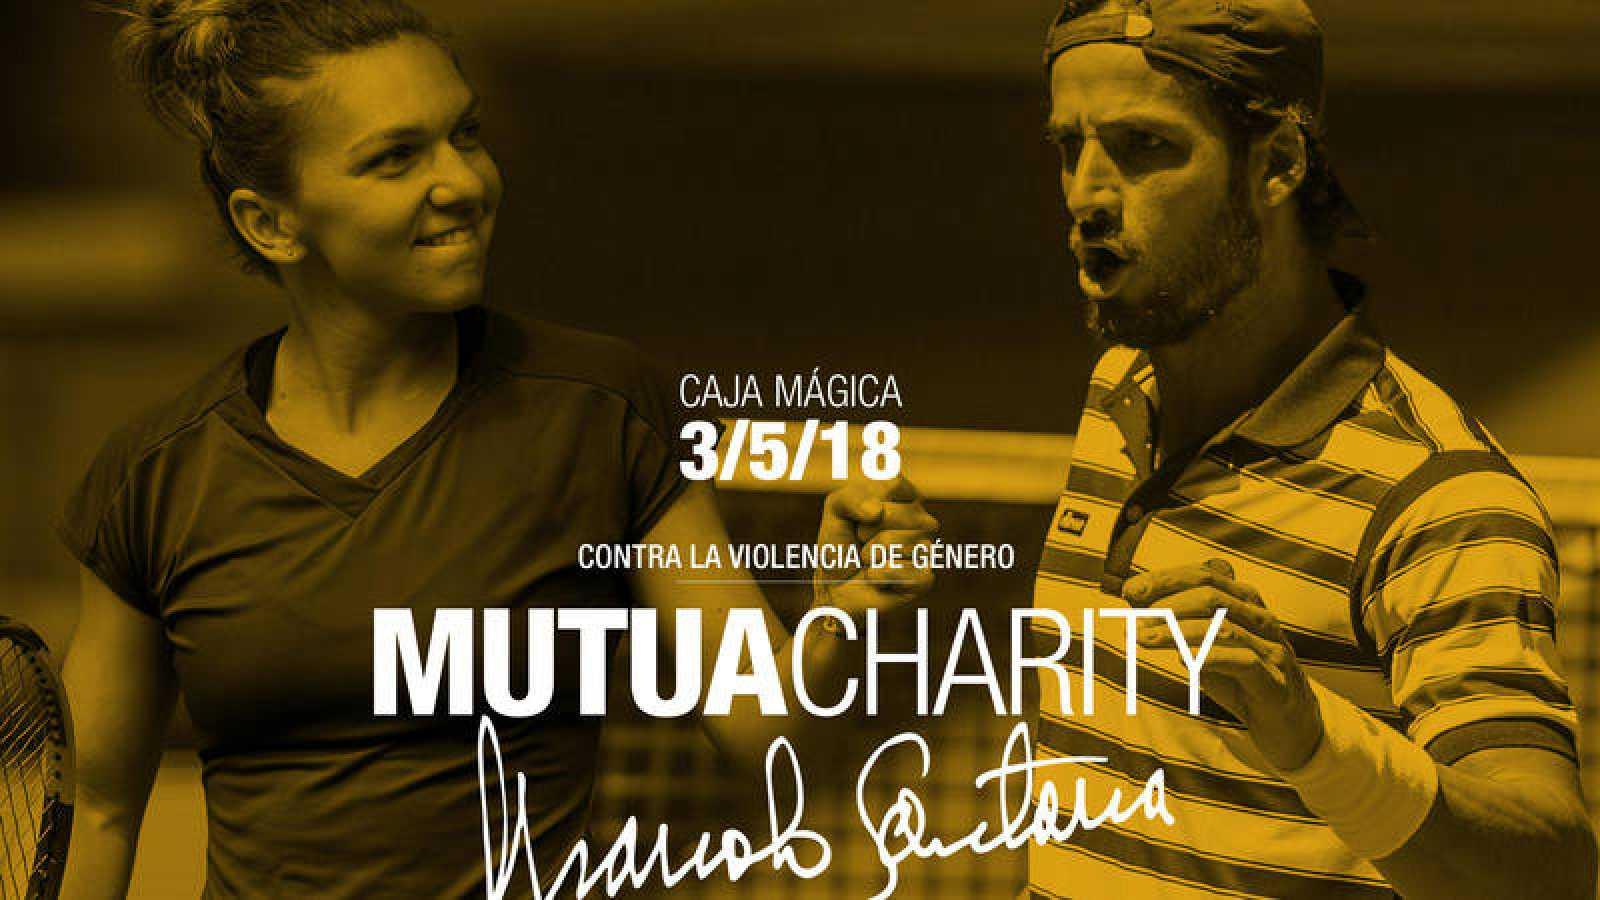 Logo del torneo benéfico Mutua Charity Manolo Santana, con Feliciano López y Simona Halep.